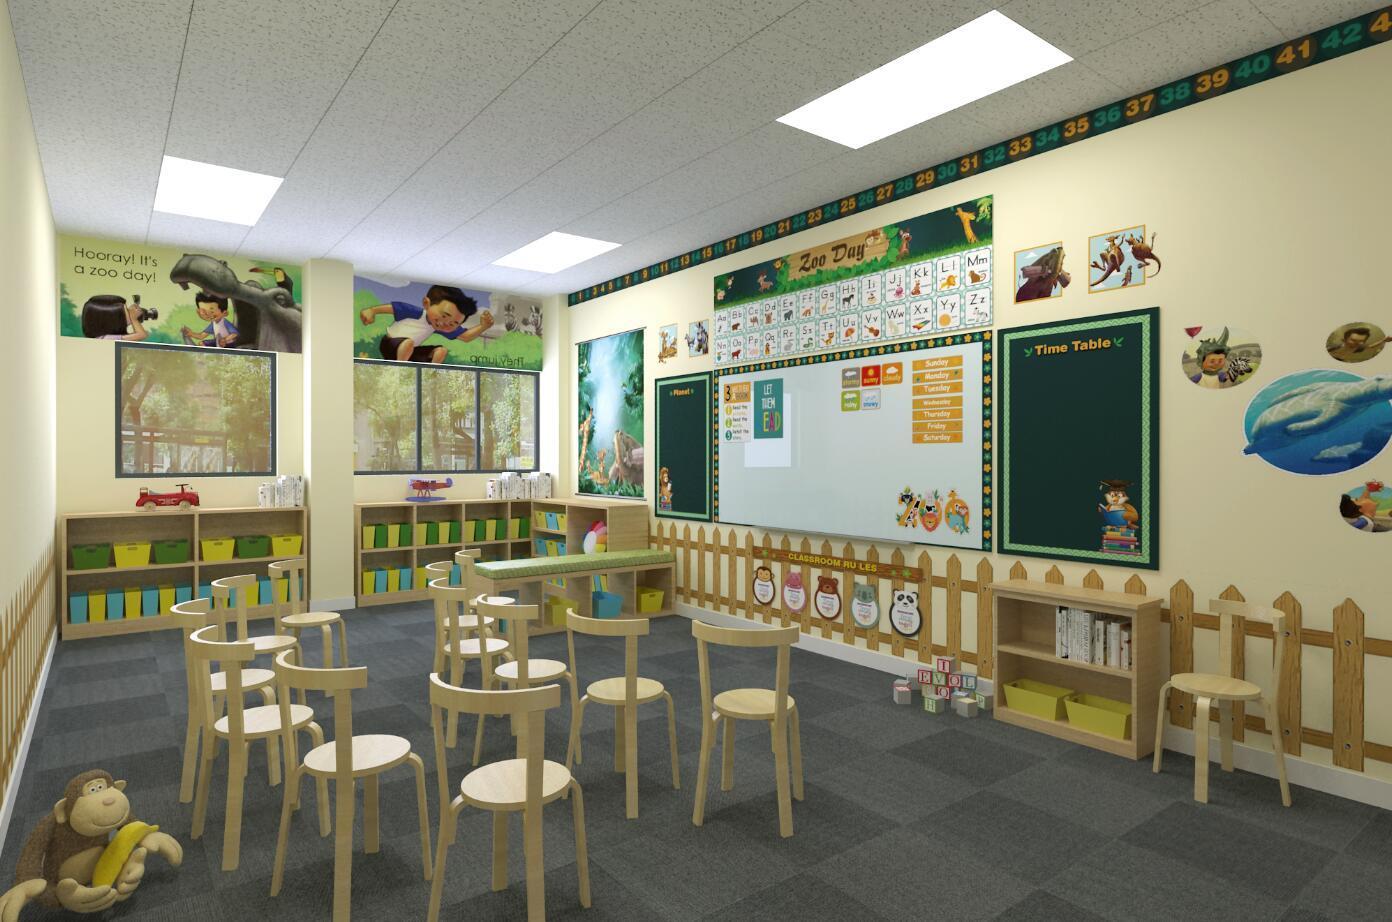 动物园主题教室设计